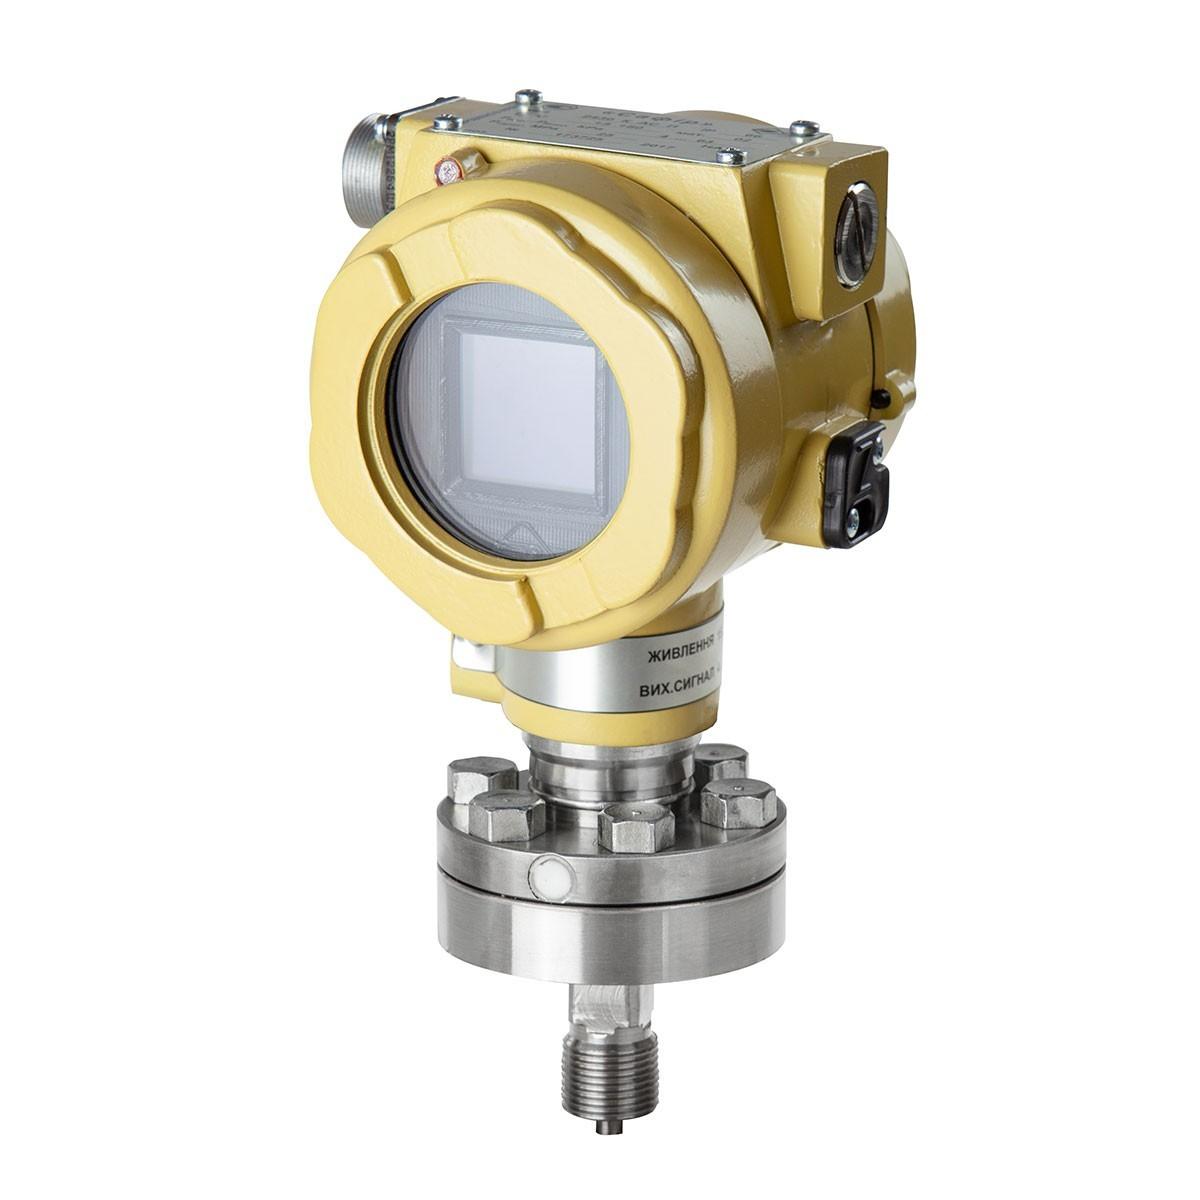 Smart Gauge Pressure Transmitters Safir 2172 K